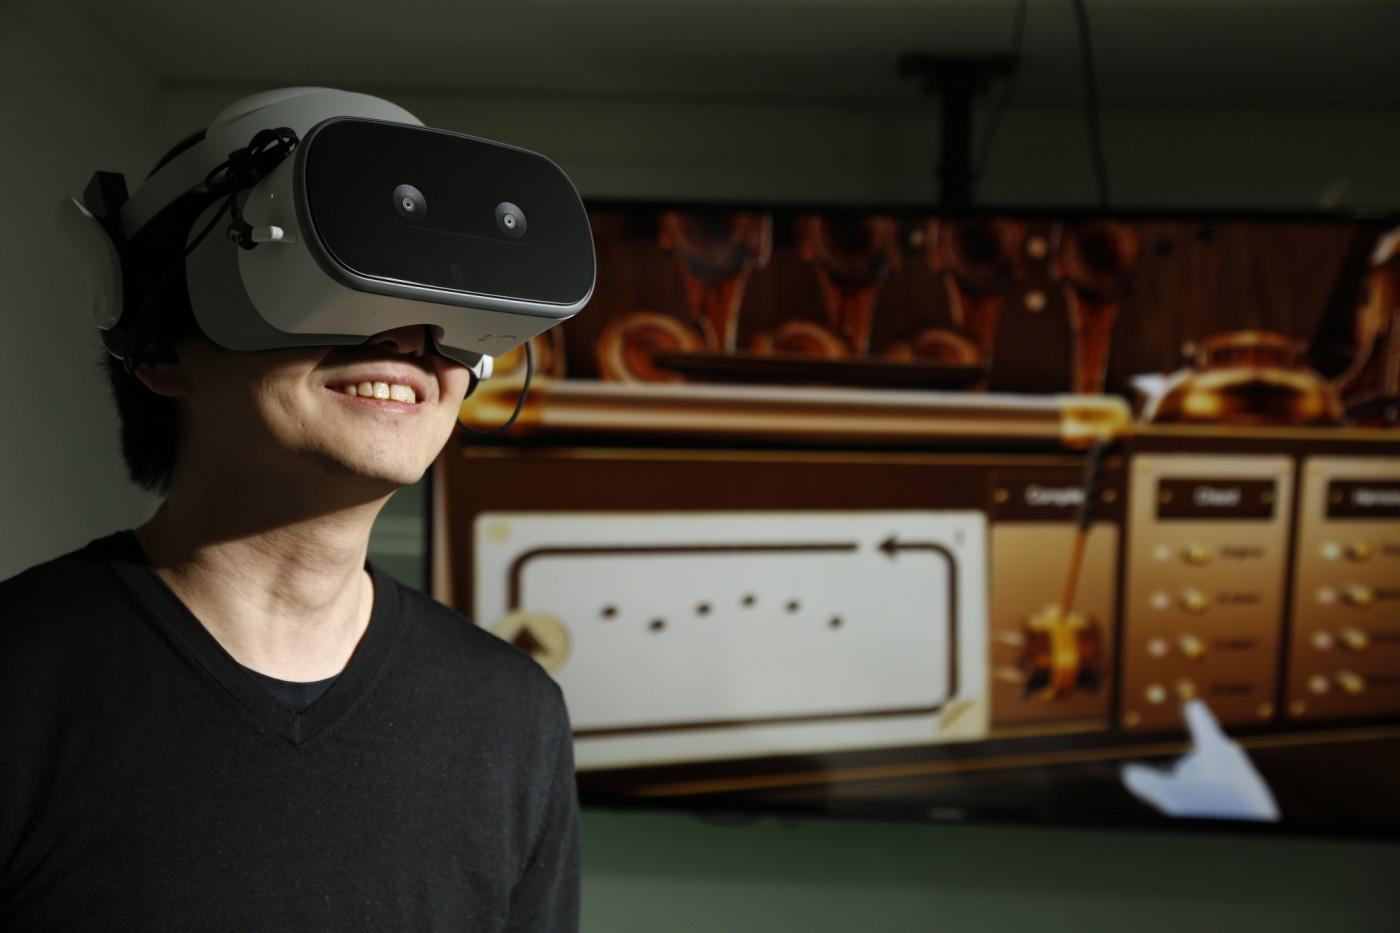 與科教館合作推中文VR教育遊戲!ScienceVR要啟發你對科學的興趣